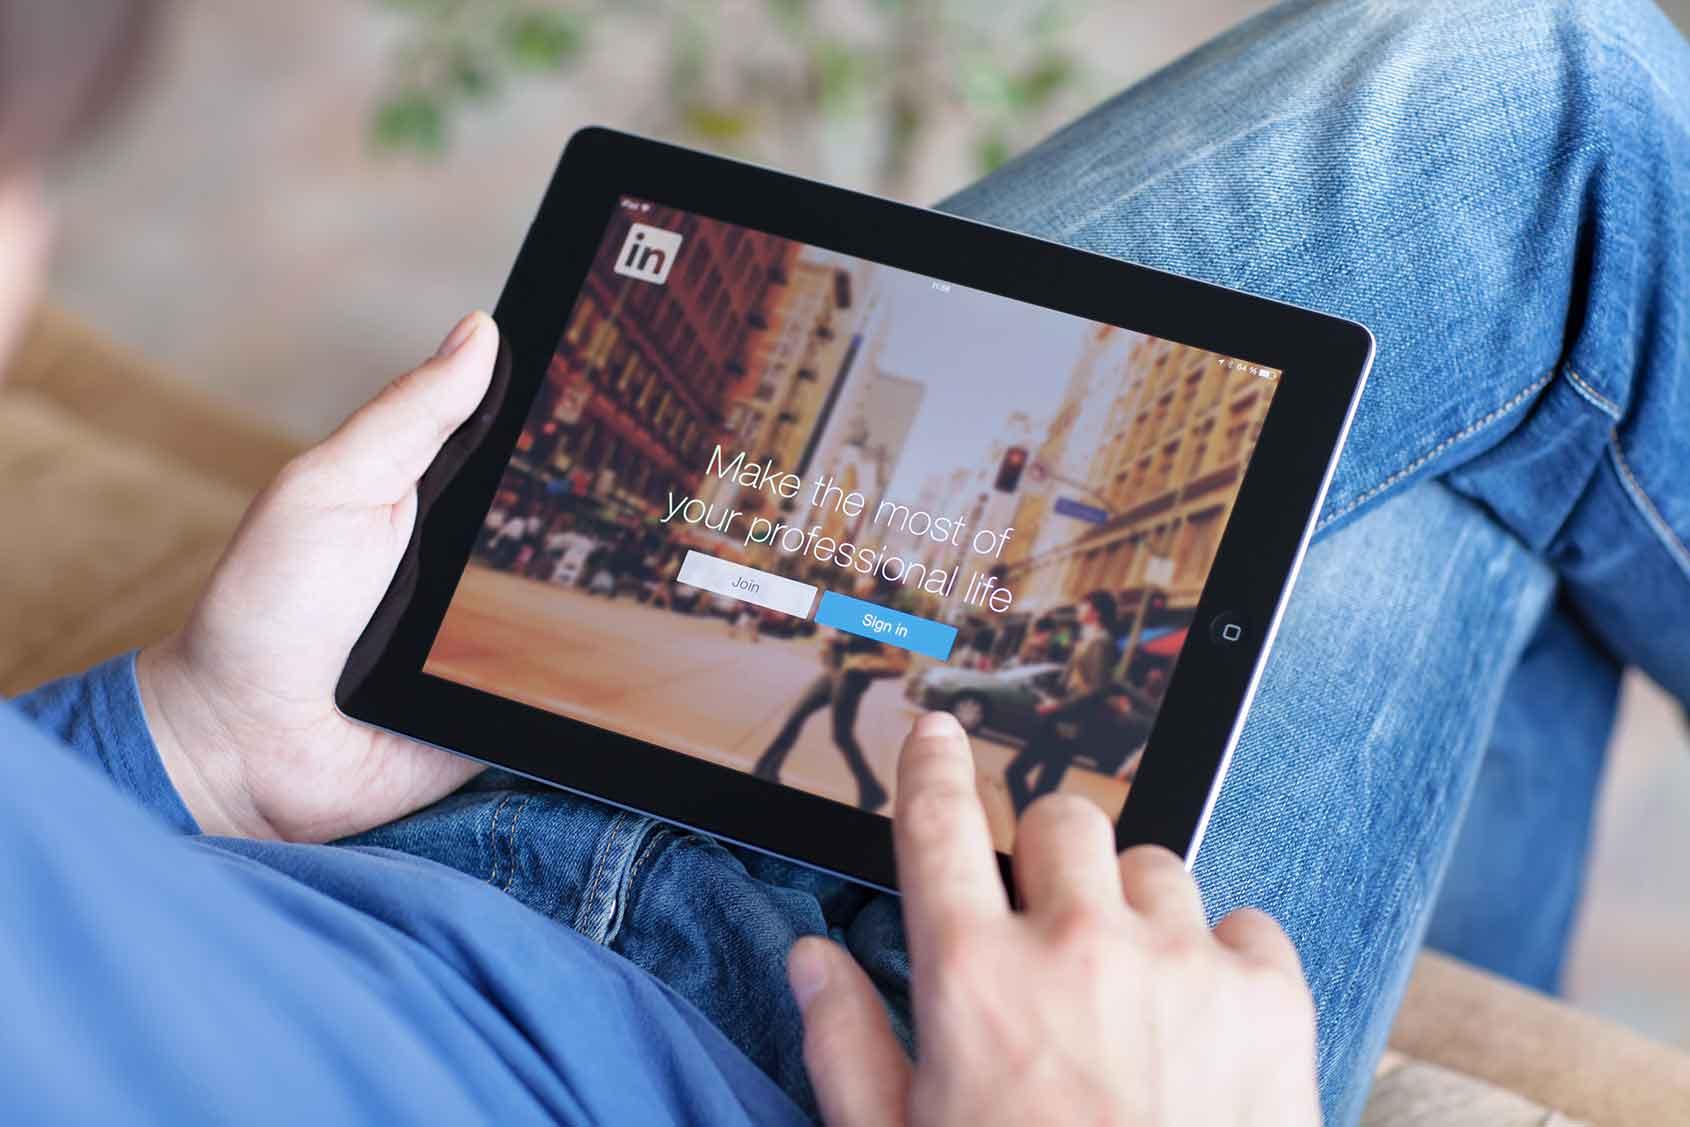 lead-generation-social-media-marketing